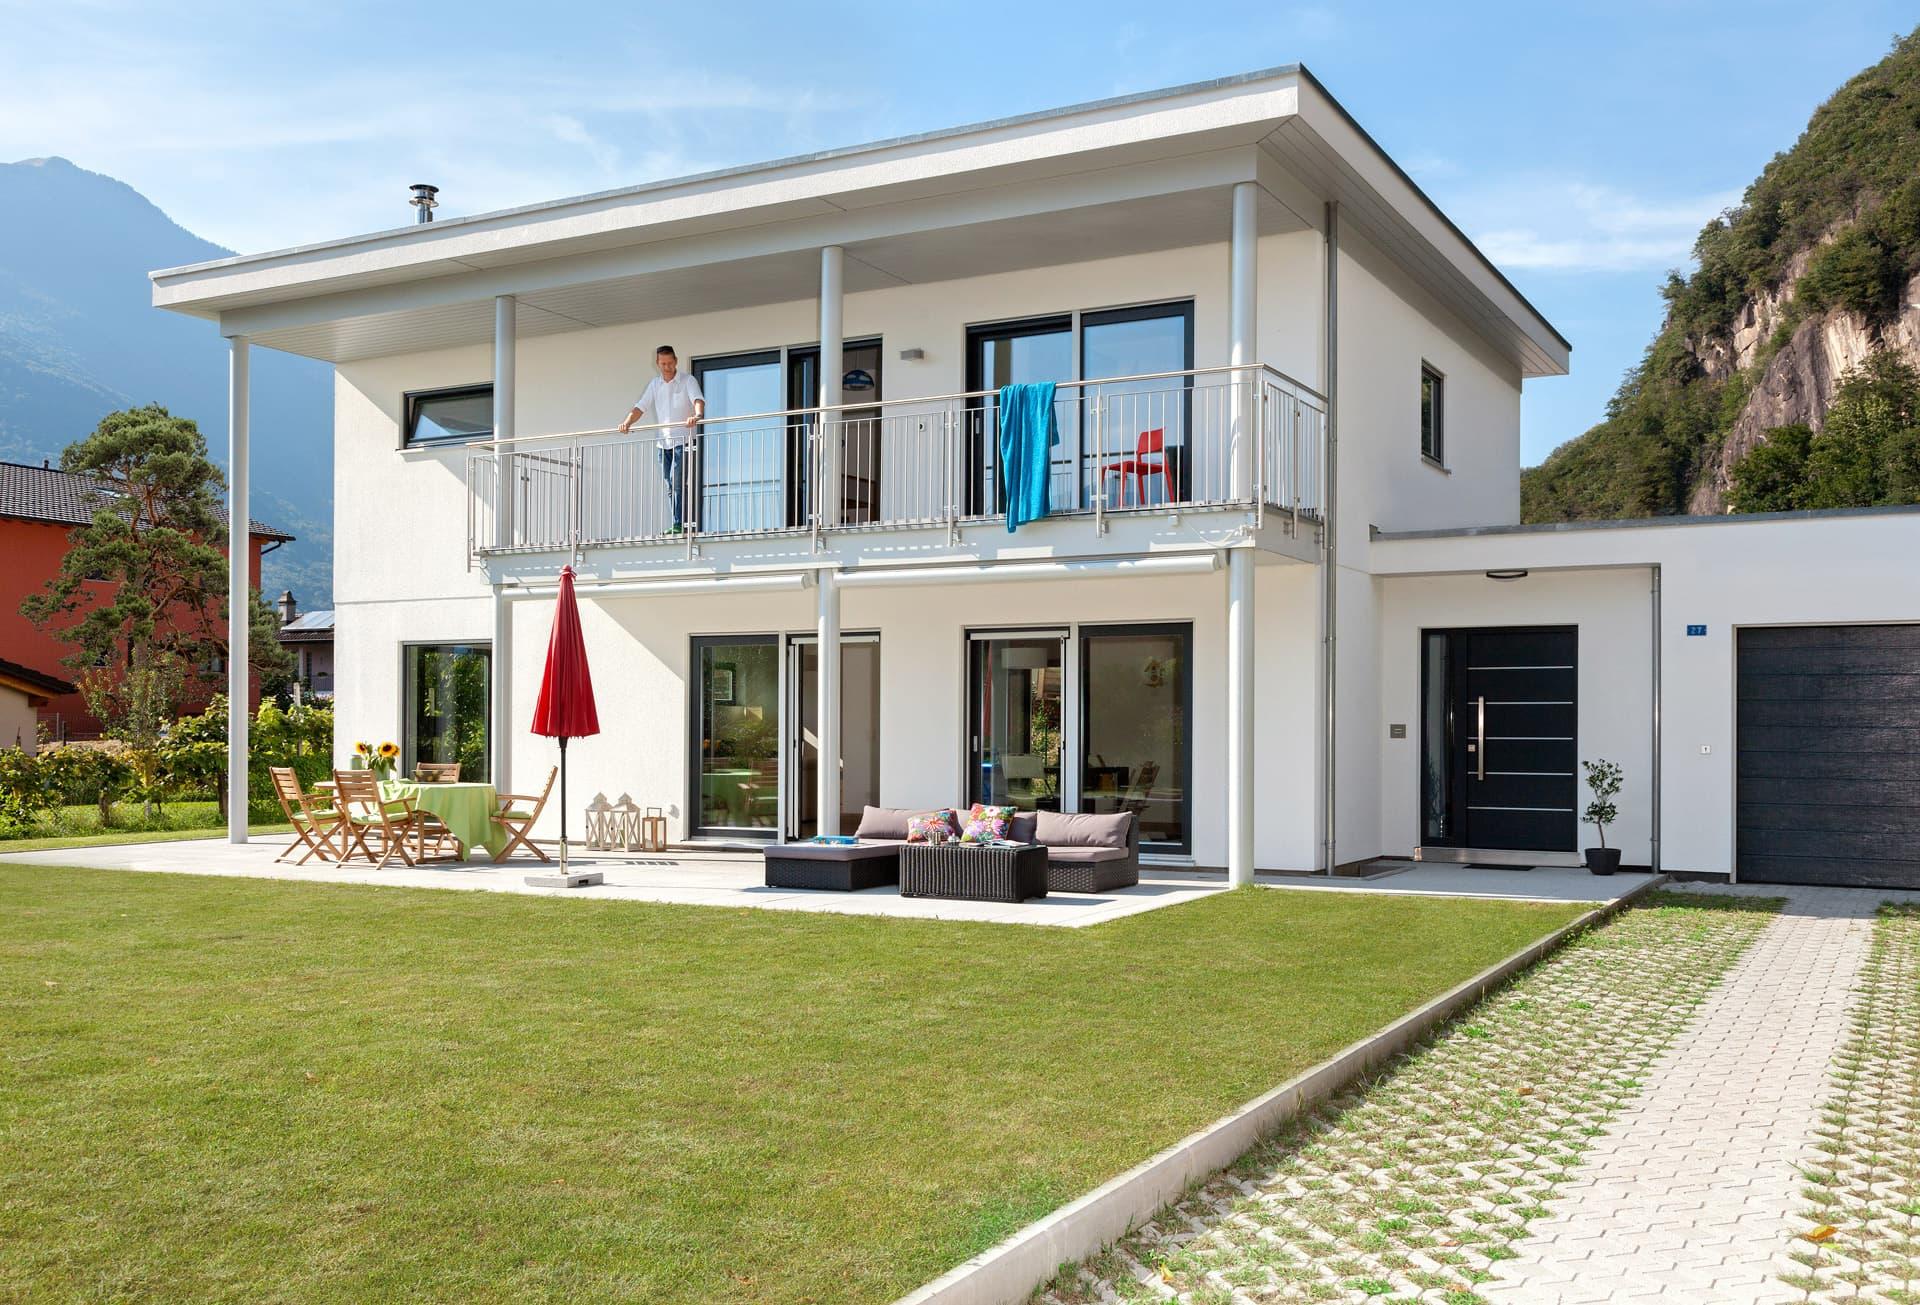 Modernes Haus Raumaufteilung Of Schw Rerhaus Haus Mit Moderner Architektur